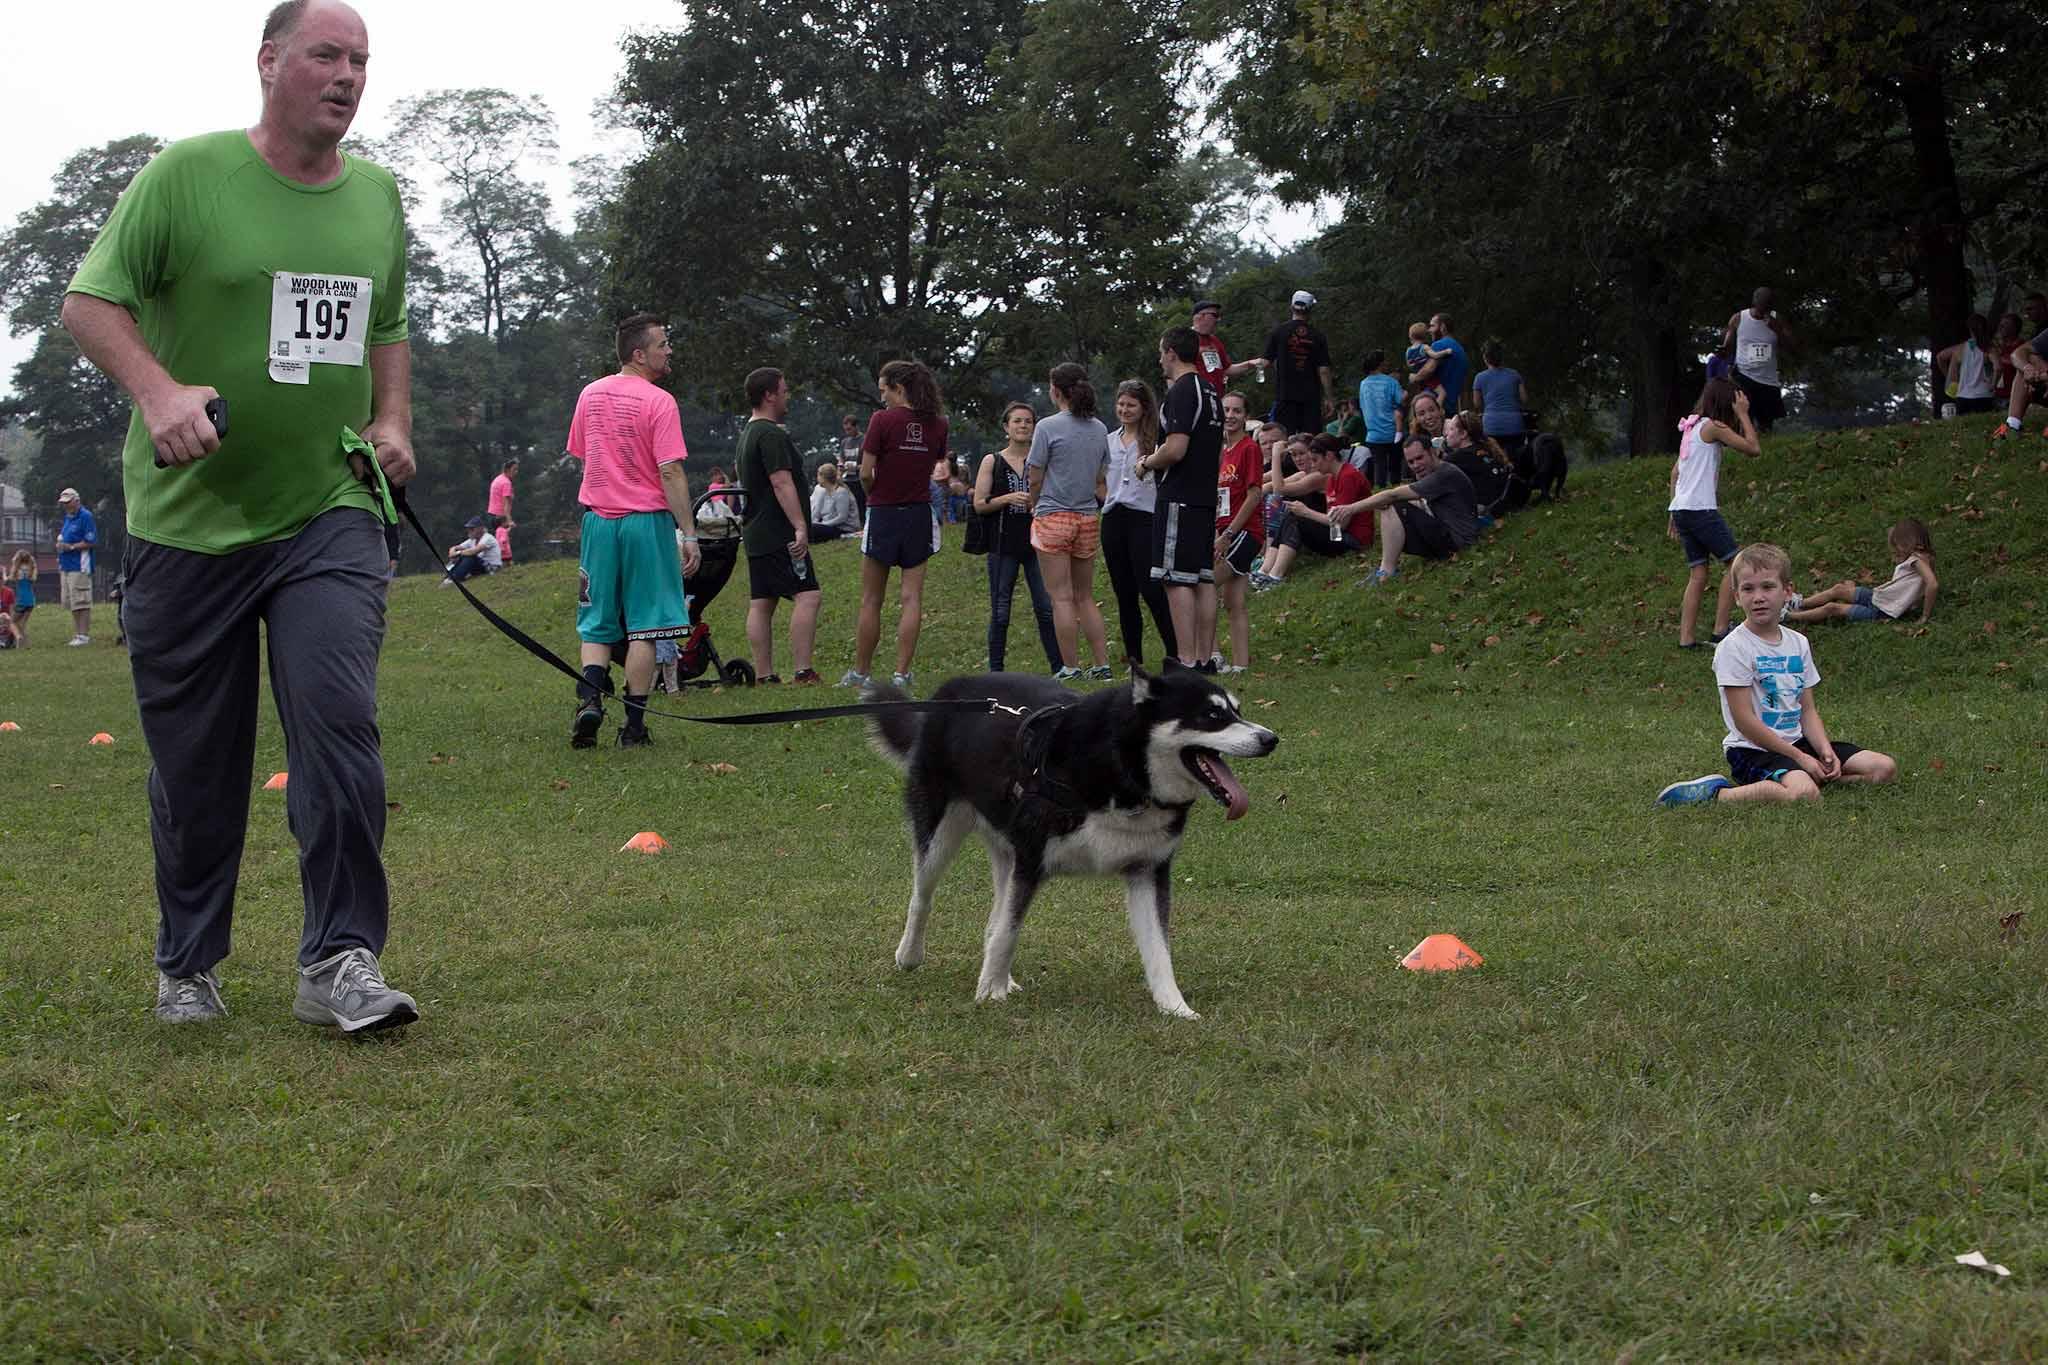 174-Woodlawn Run for a Cause-492.jpg